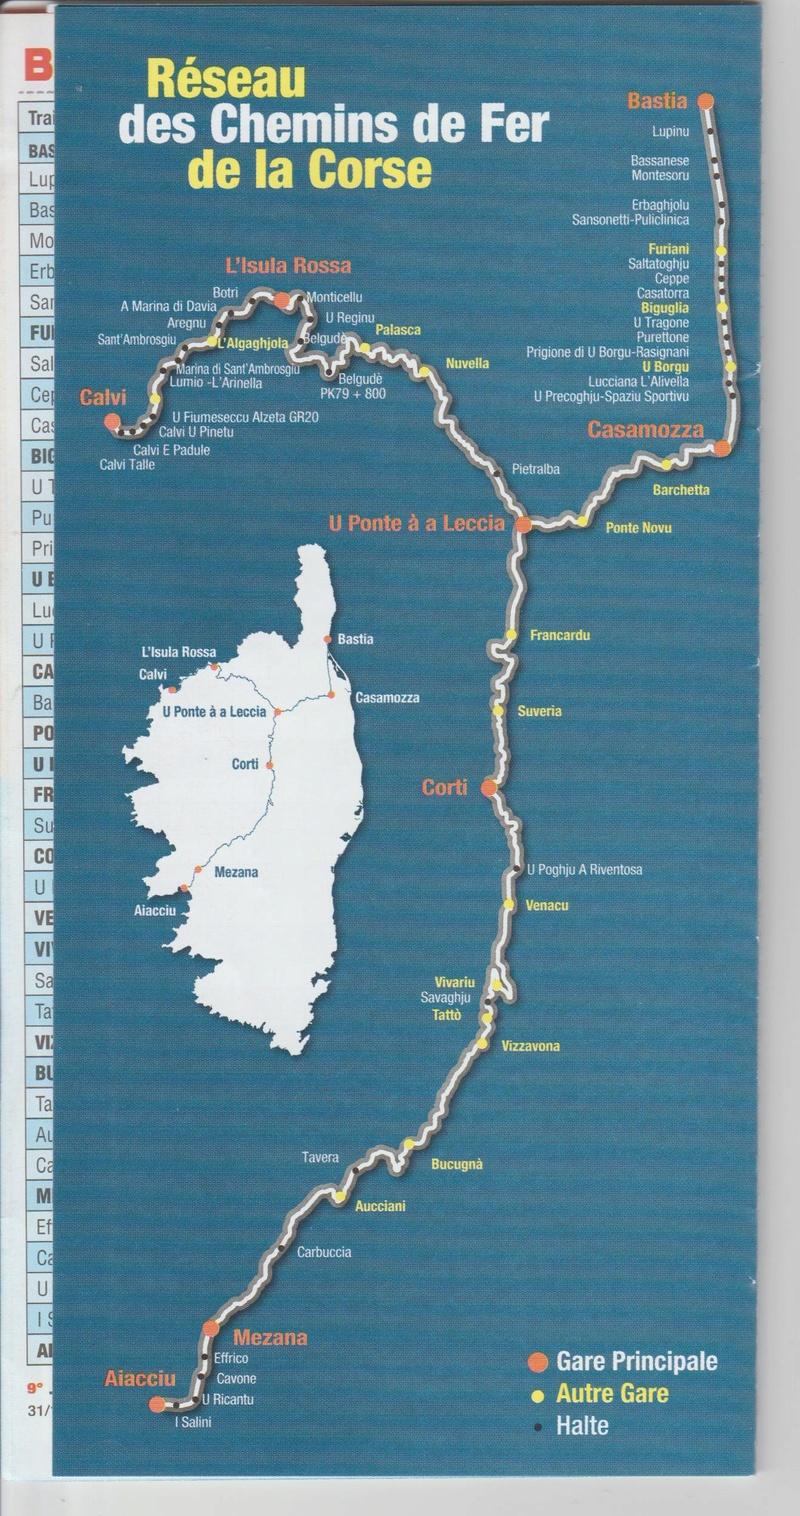 CFC - Chemins de fer de la Corse - de Calvi à l'ile Rousse Image_59